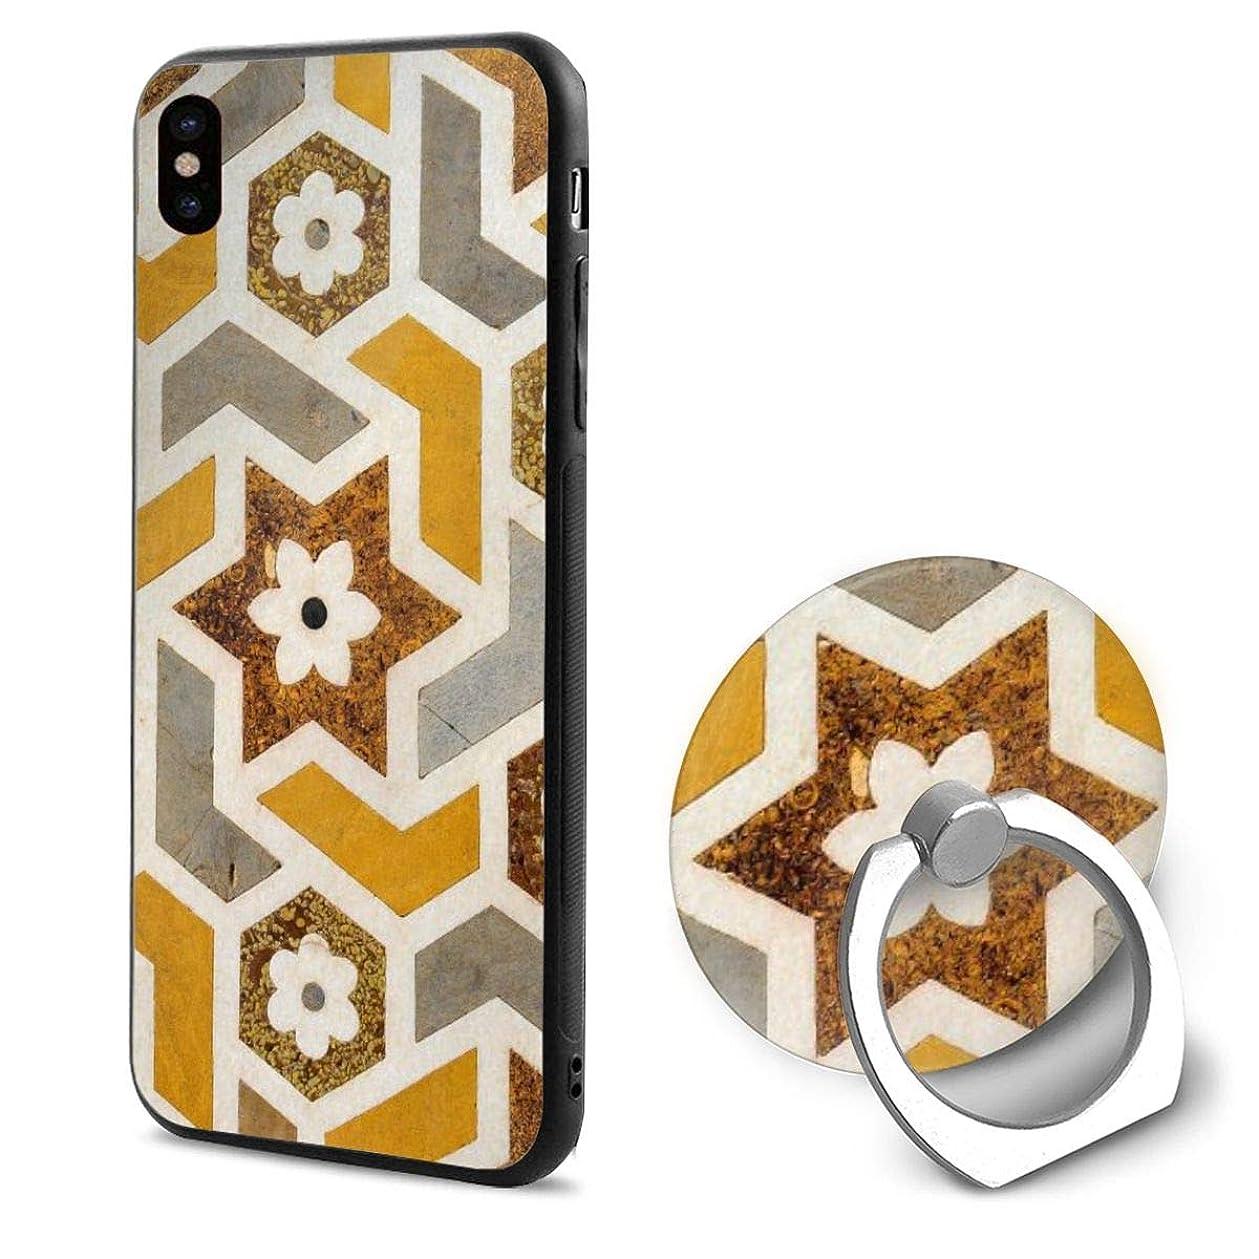 お嬢それに応じて応答IPhonexケース スマホX ケース スマートフォンX ケース リング付き リングホルダー付き スマホリング テクスチャ 花柄 携帯Xカバー ホールドリング アイフォンX ケース 耐衝撃 落下防止 薄型